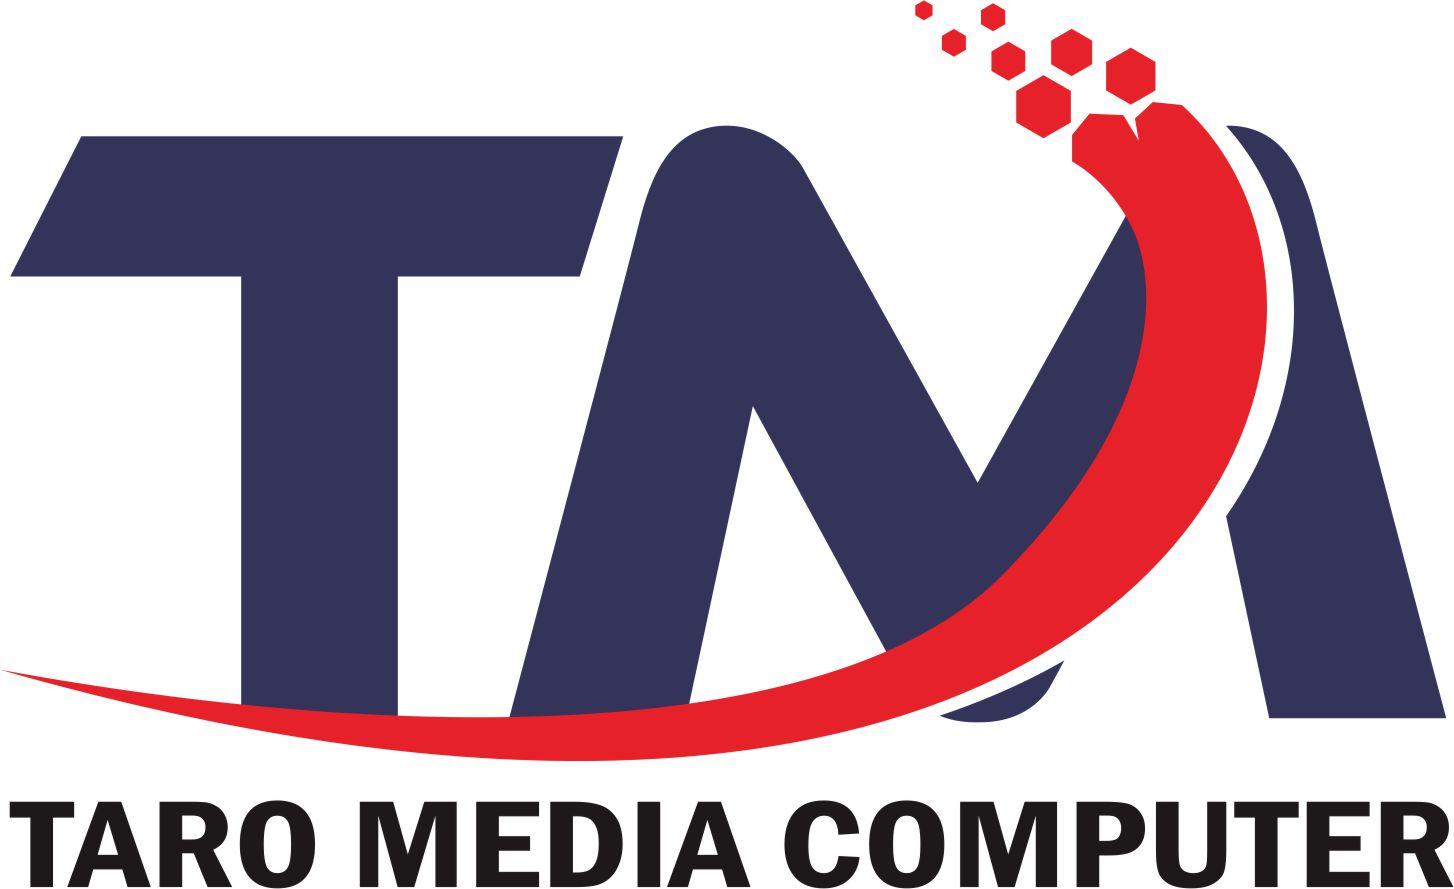 logo yg memanjang